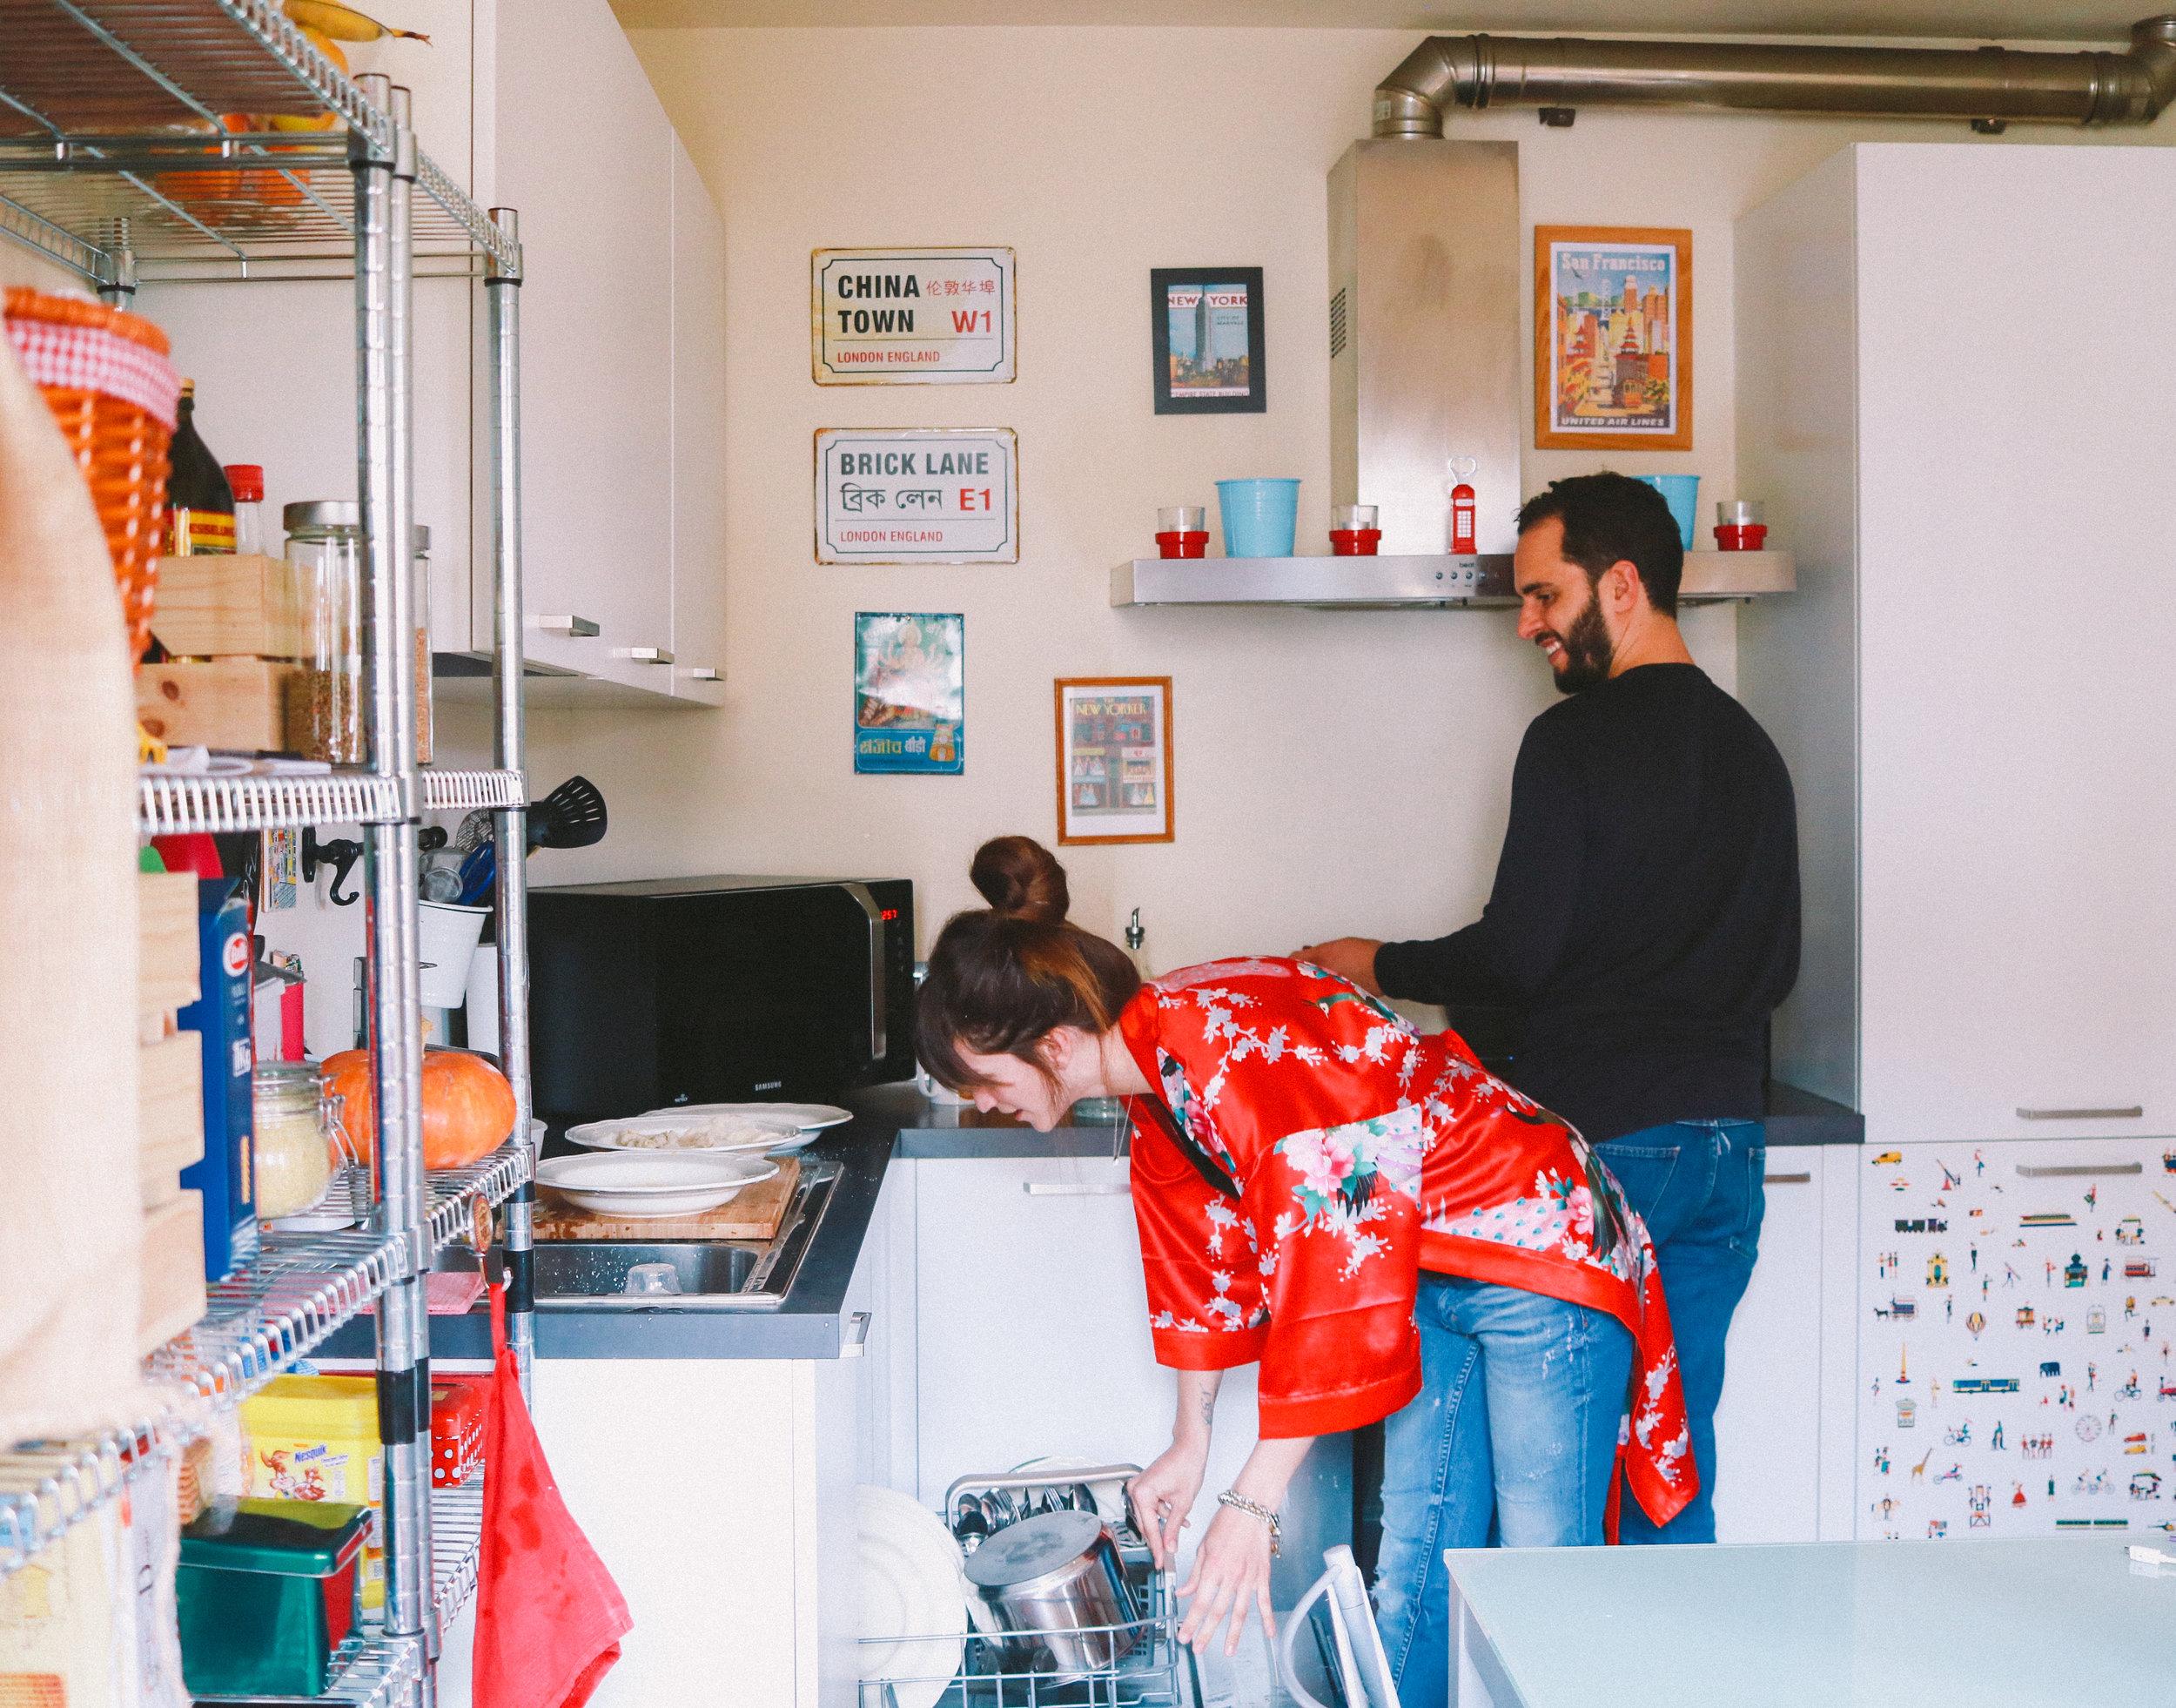 Coppia-Cucina-8.jpg